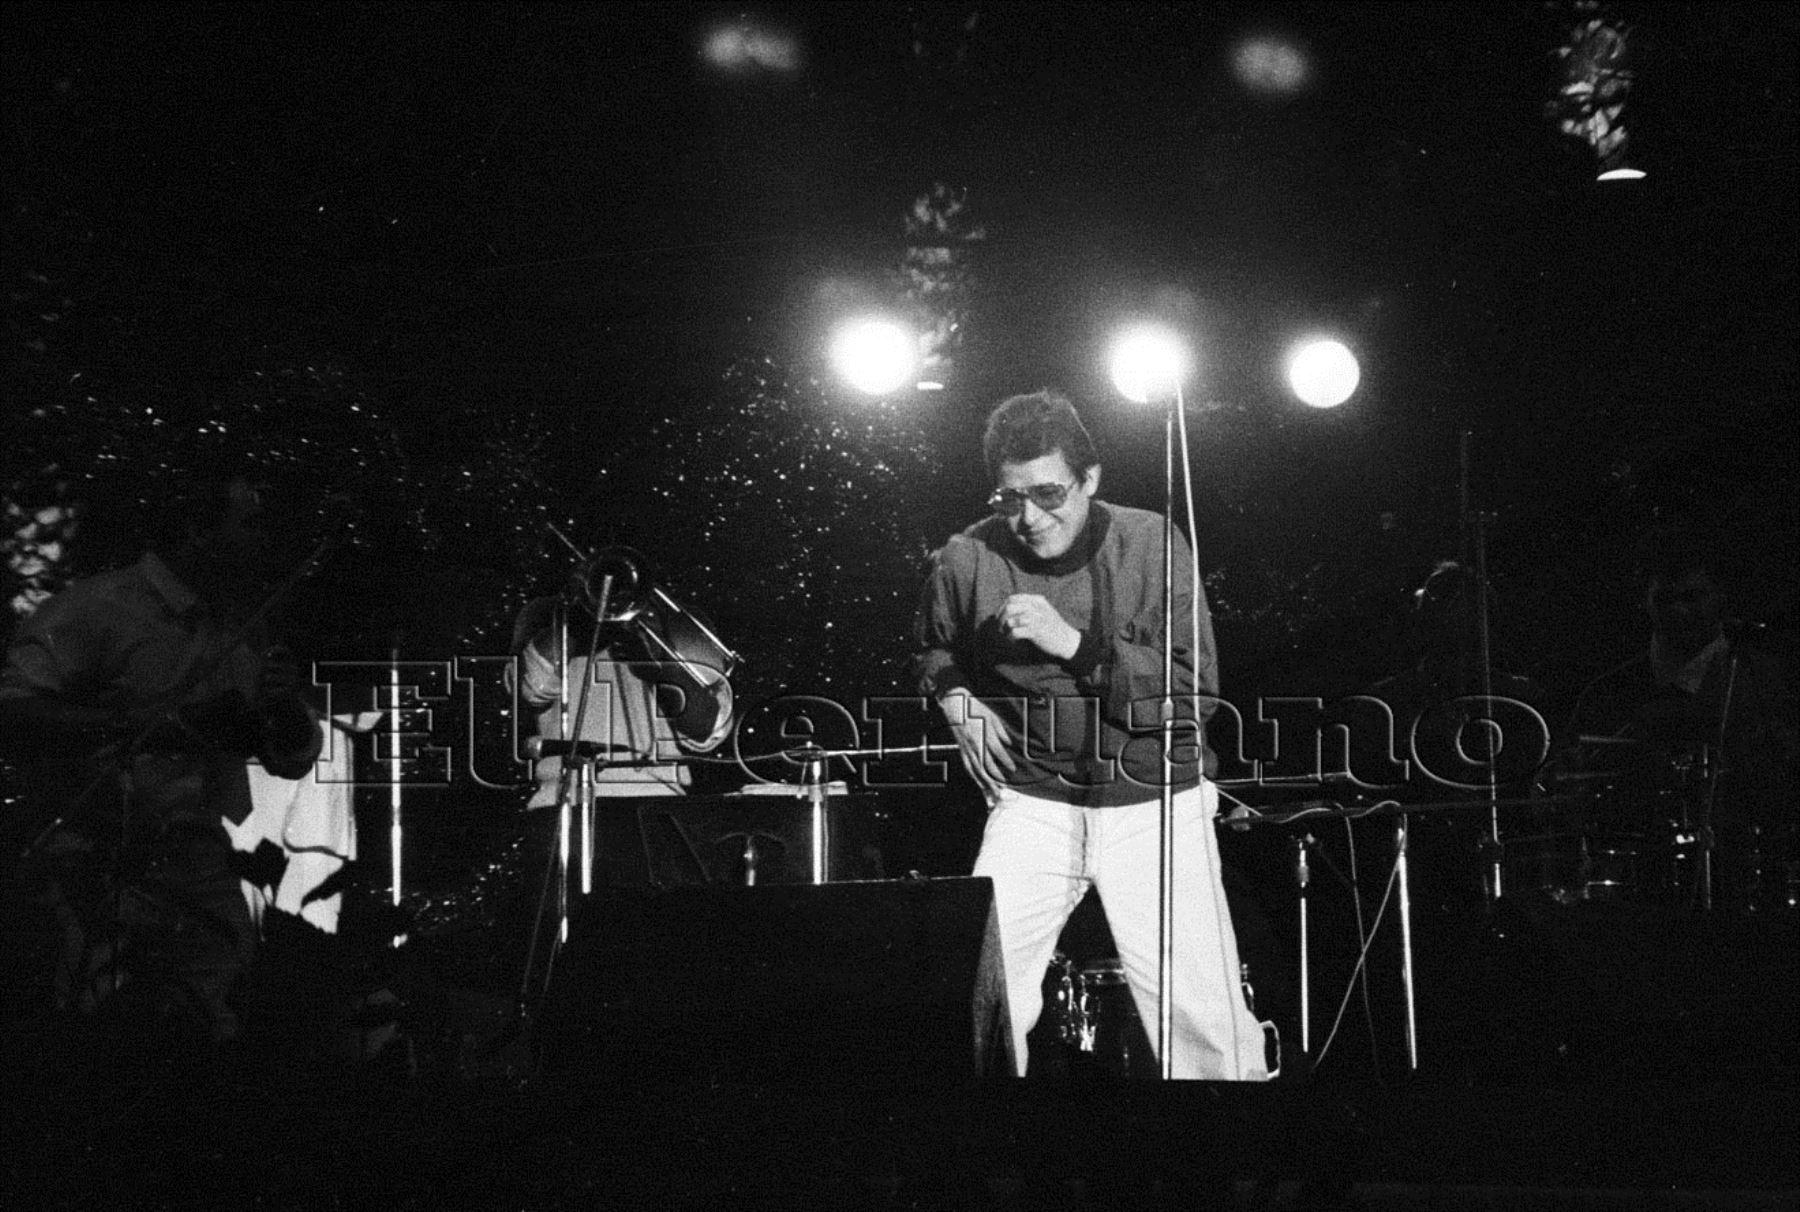 Héctor Lavoe se presenta en Feria del Hogar en 1986. Foto: Archivo Histórico El Peruano